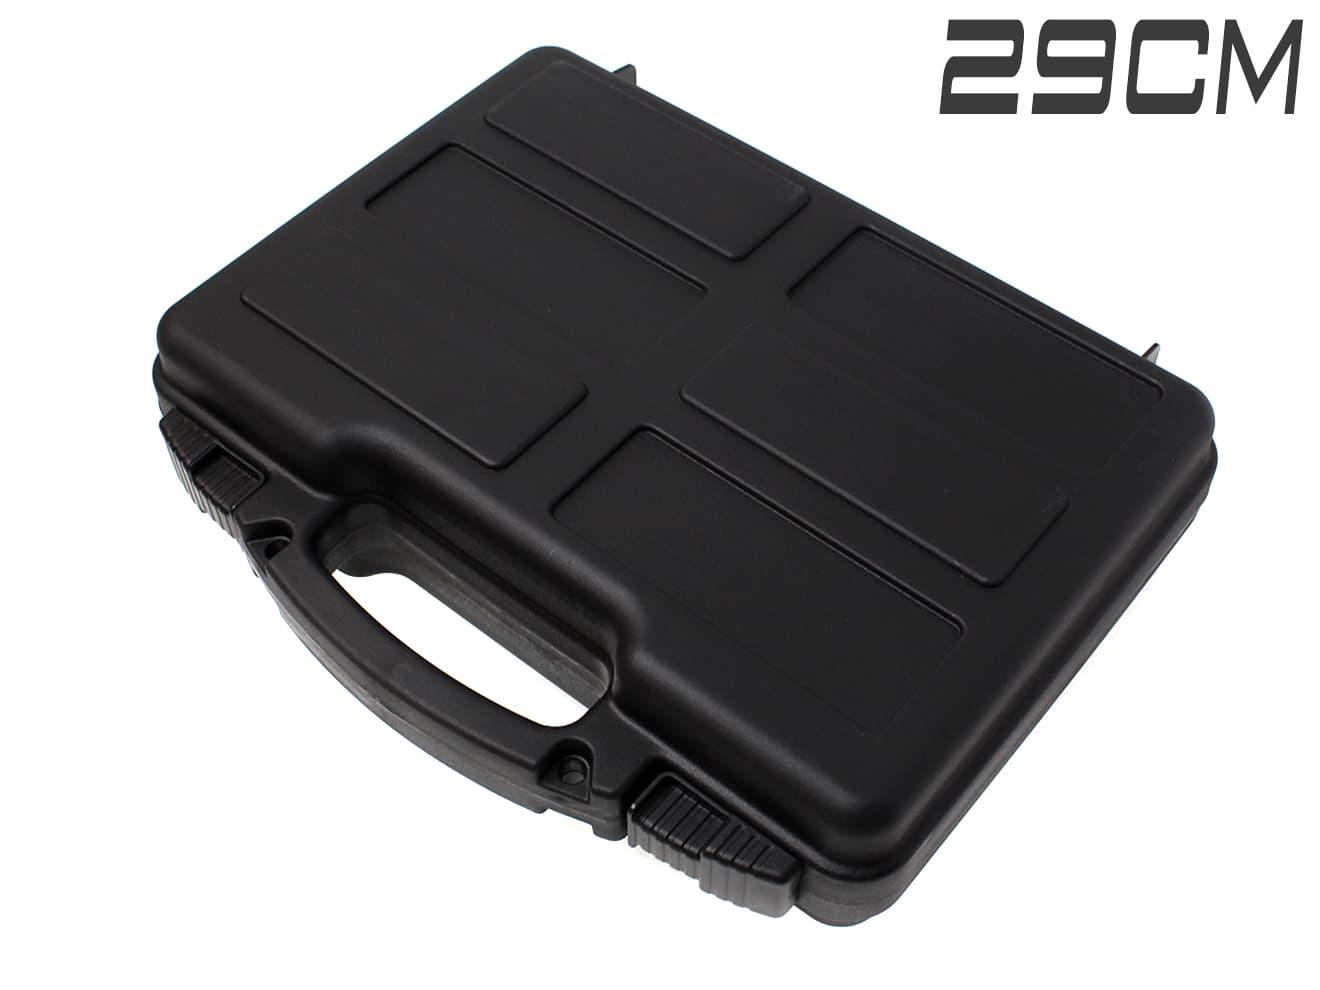 【軽量ハードケース/収納容量3.1L】ABS ハンドガンキャリングケース/BK◆内部スポンジ型抜き可能/ガンバッグ/DE等大型ハンドガン可